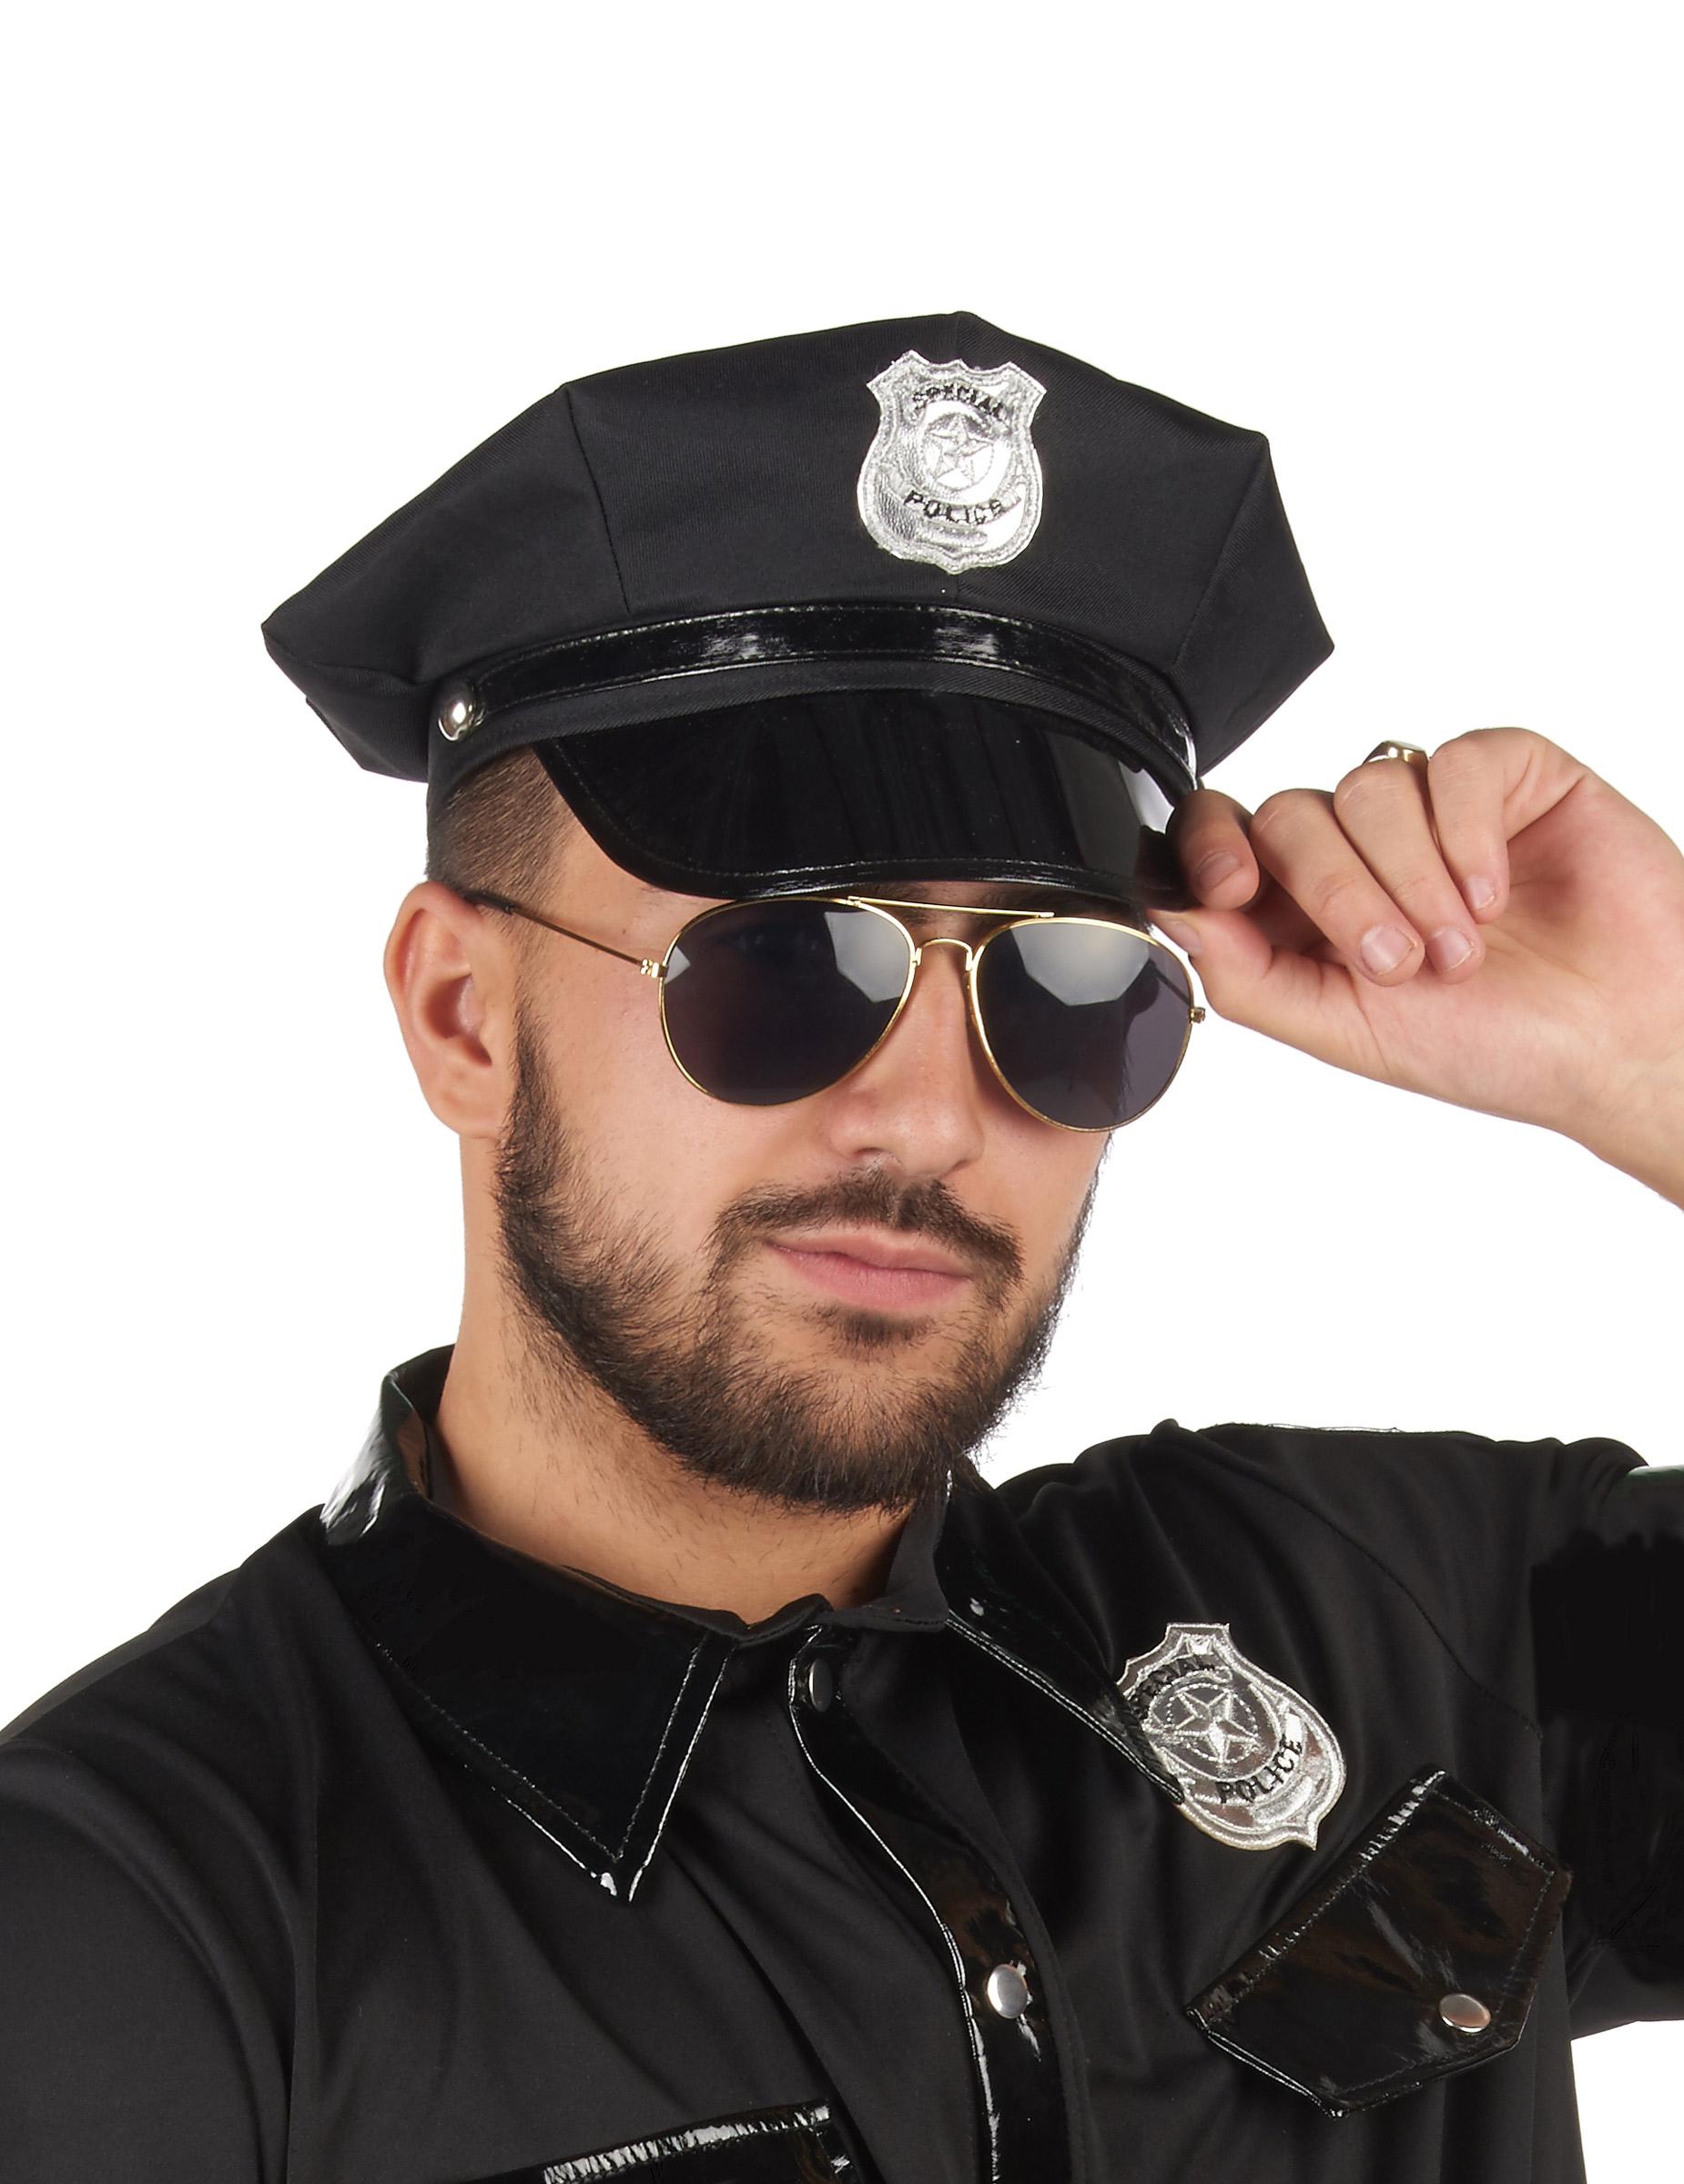 Polizei Mutze Polizist Schwarz Gunstige Faschings Accessoires